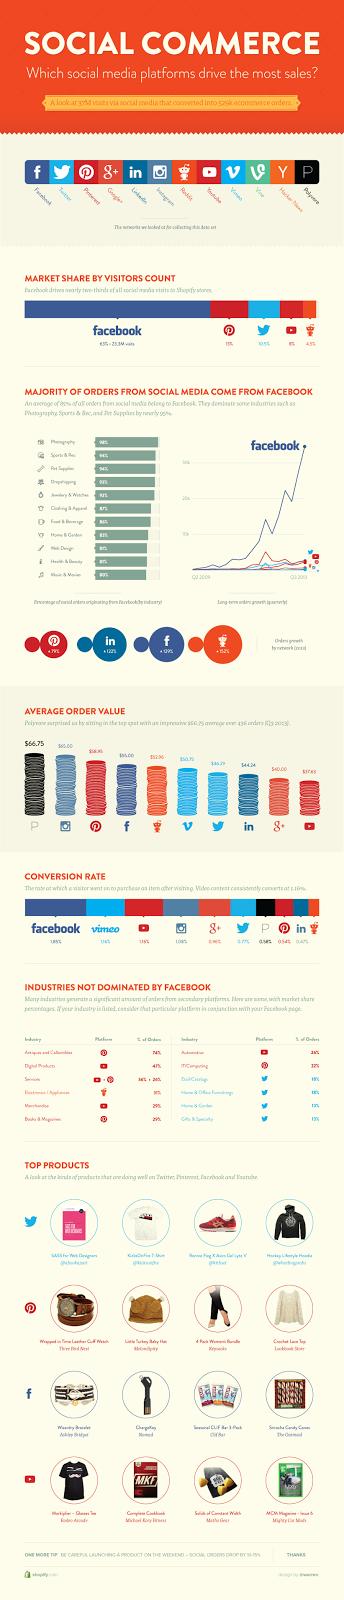 qual a rede social que gera mais vendas